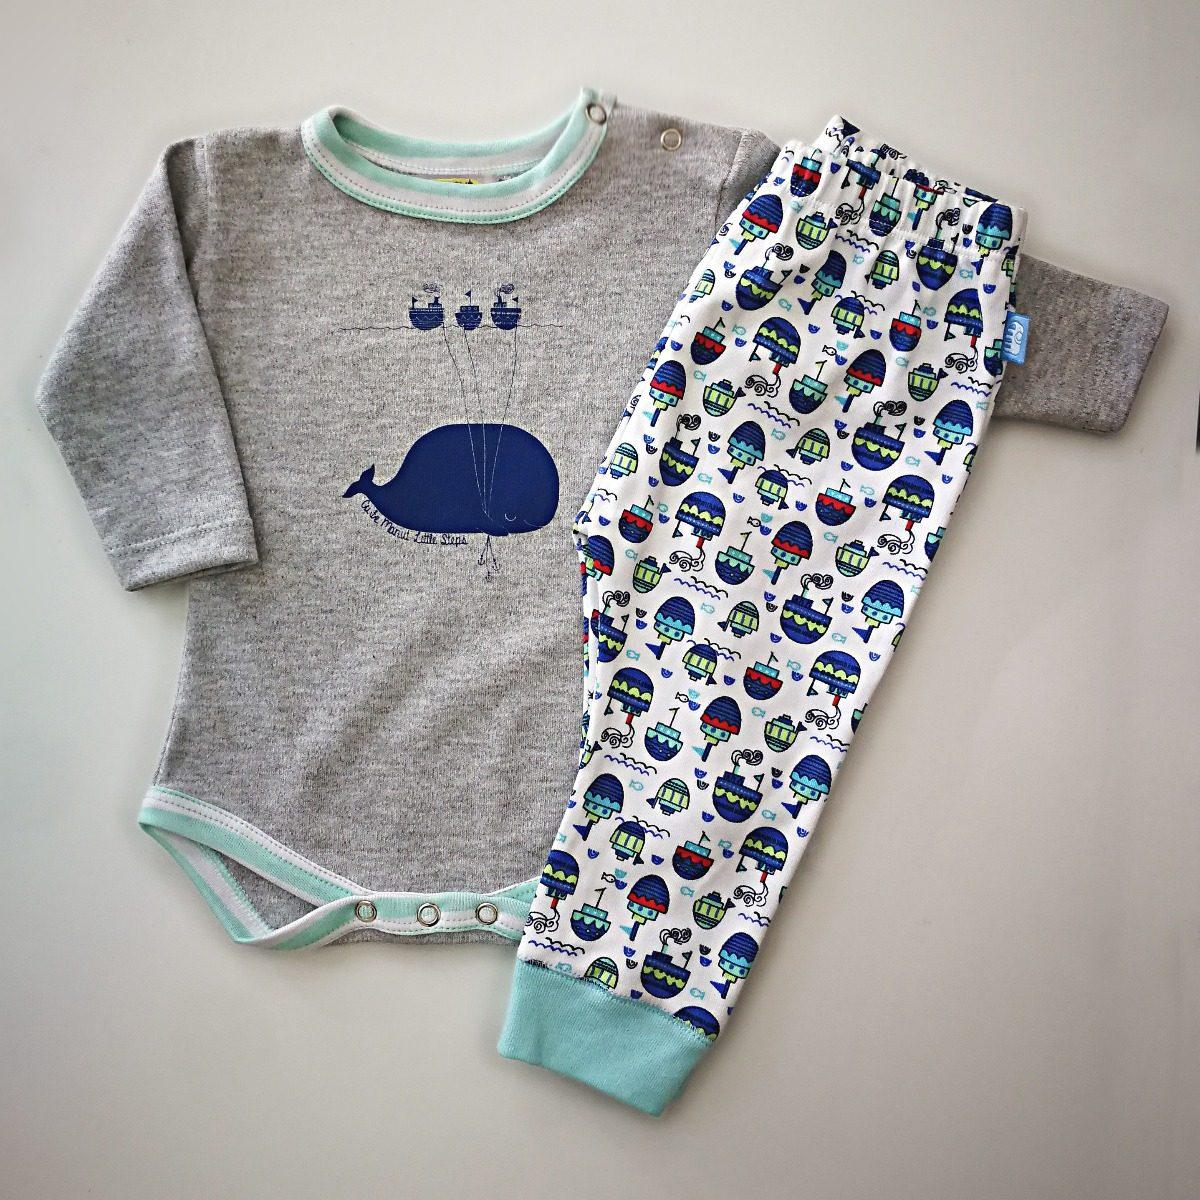 40f7989a8 conjunto bebé body manga larga y pantalón o ranita algodón. Cargando zoom.